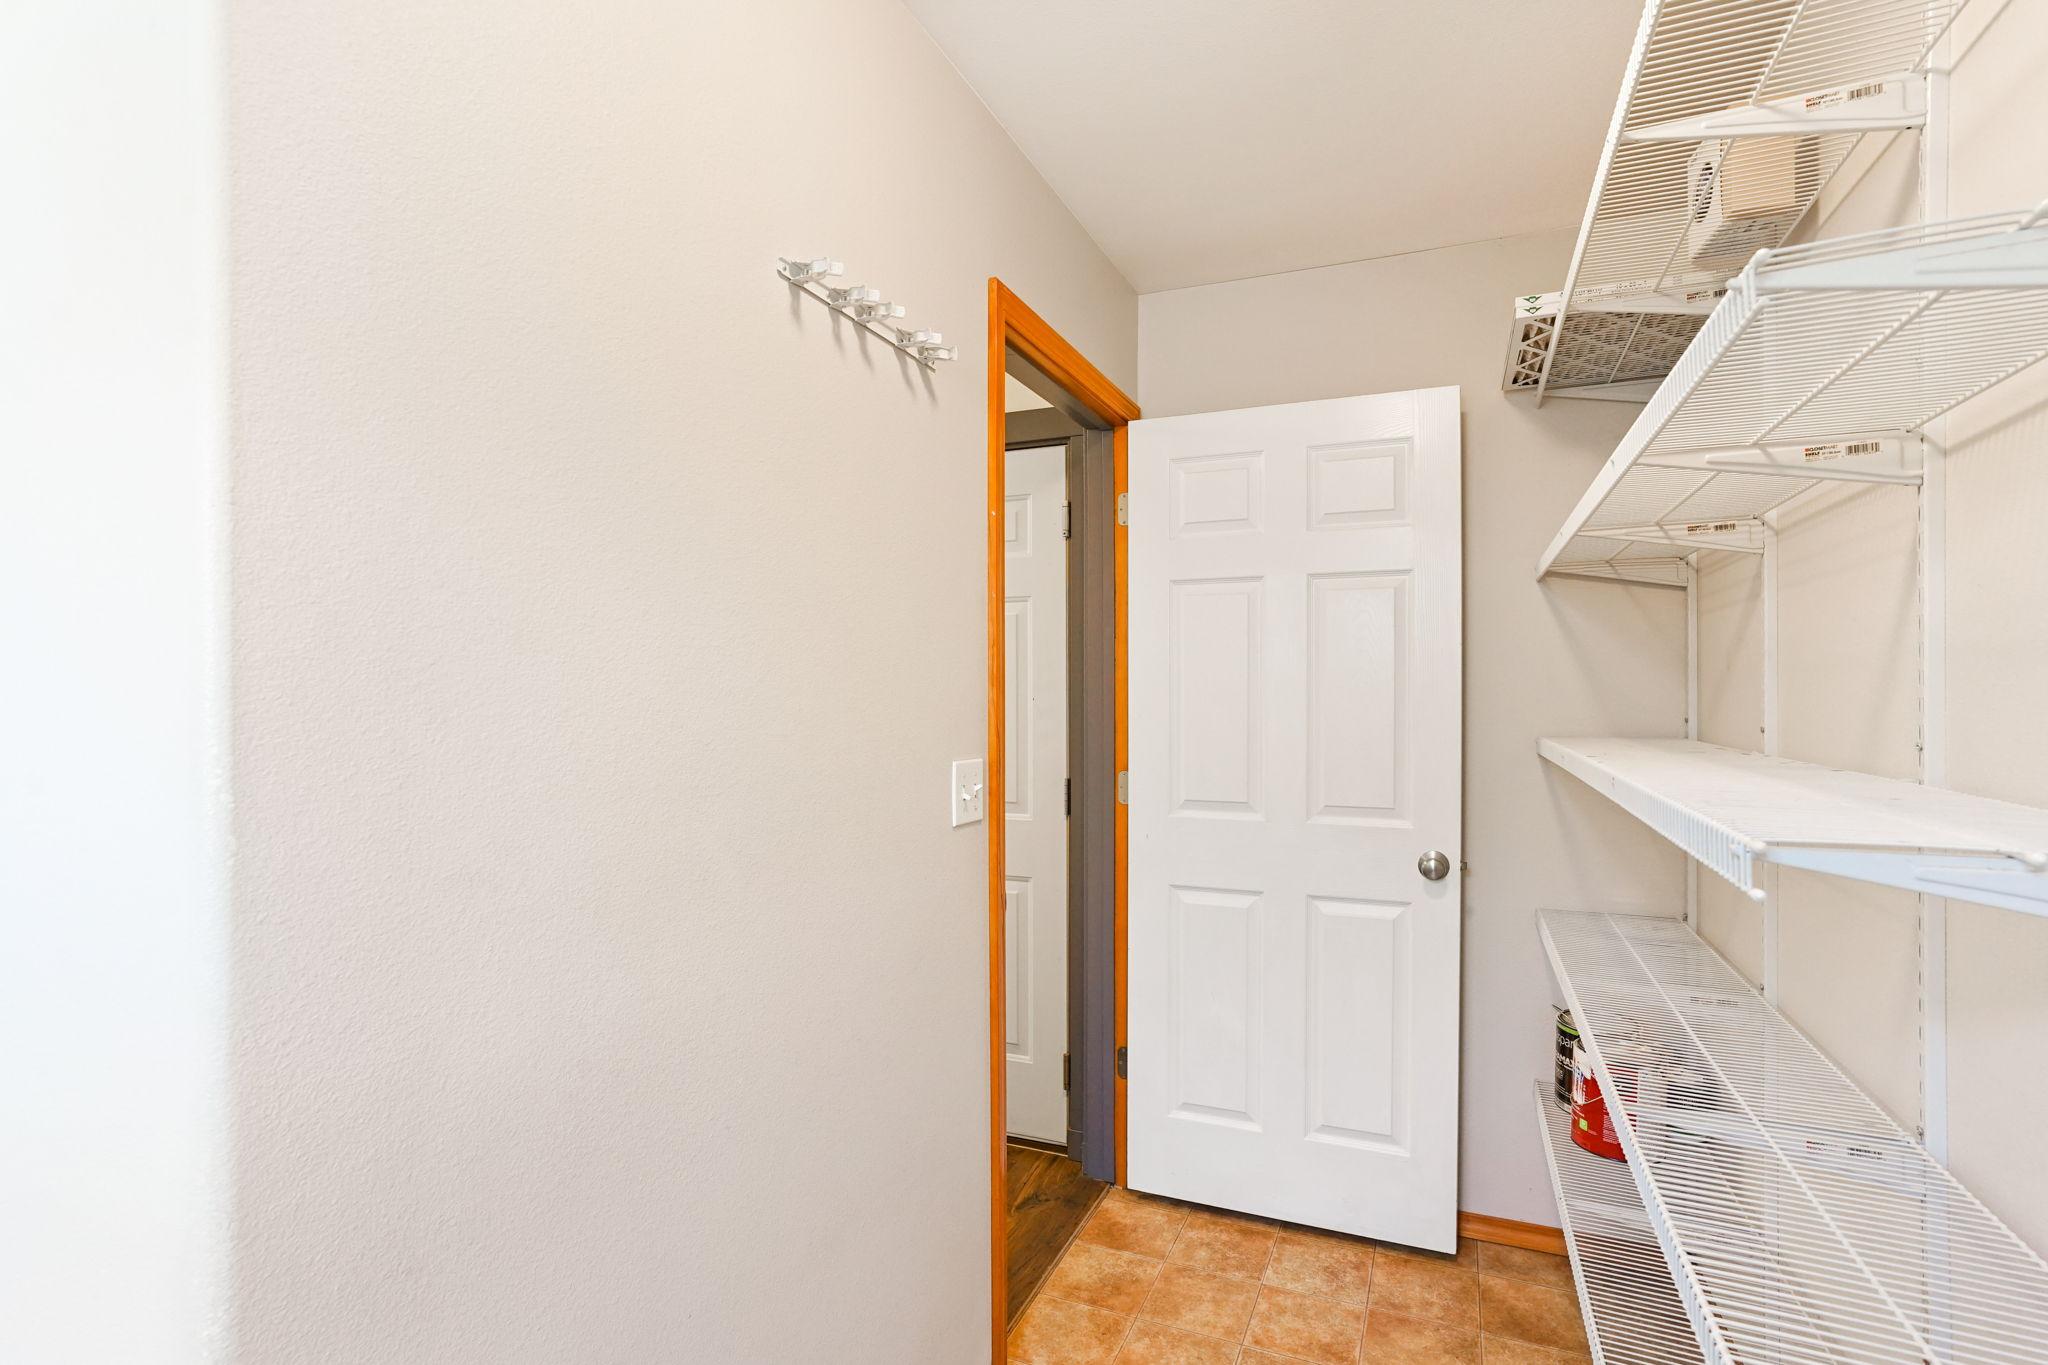 Laundry Room / Storage